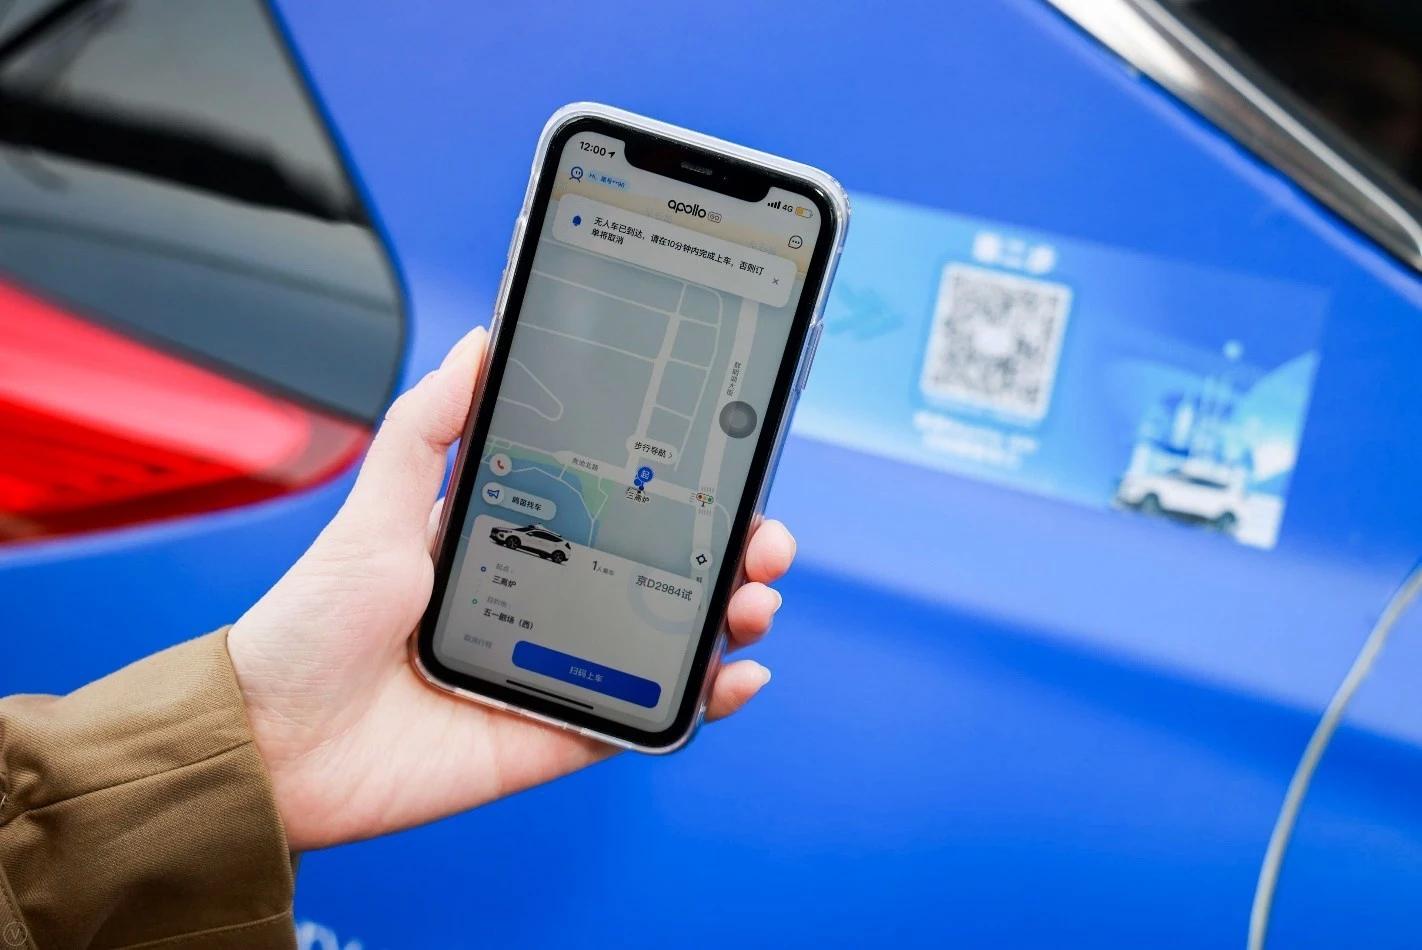 百度无人驾驶出租车实车体验:电影科幻场景成真的照片 - 3